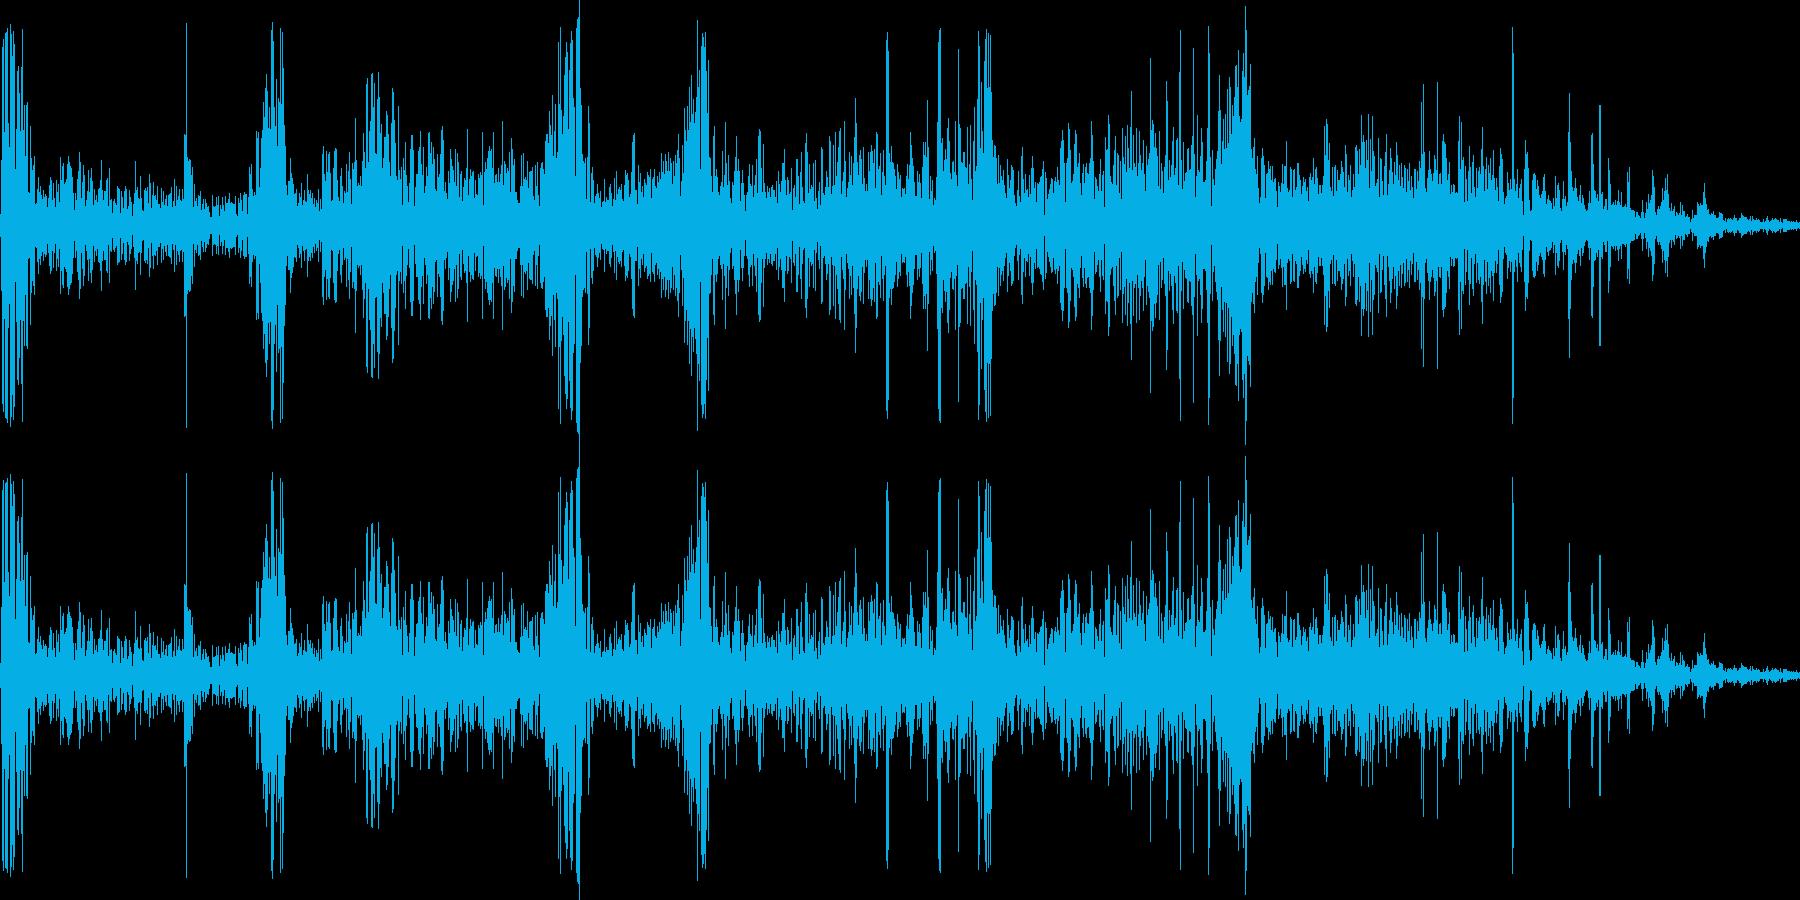 打撃・骨折の音01の再生済みの波形